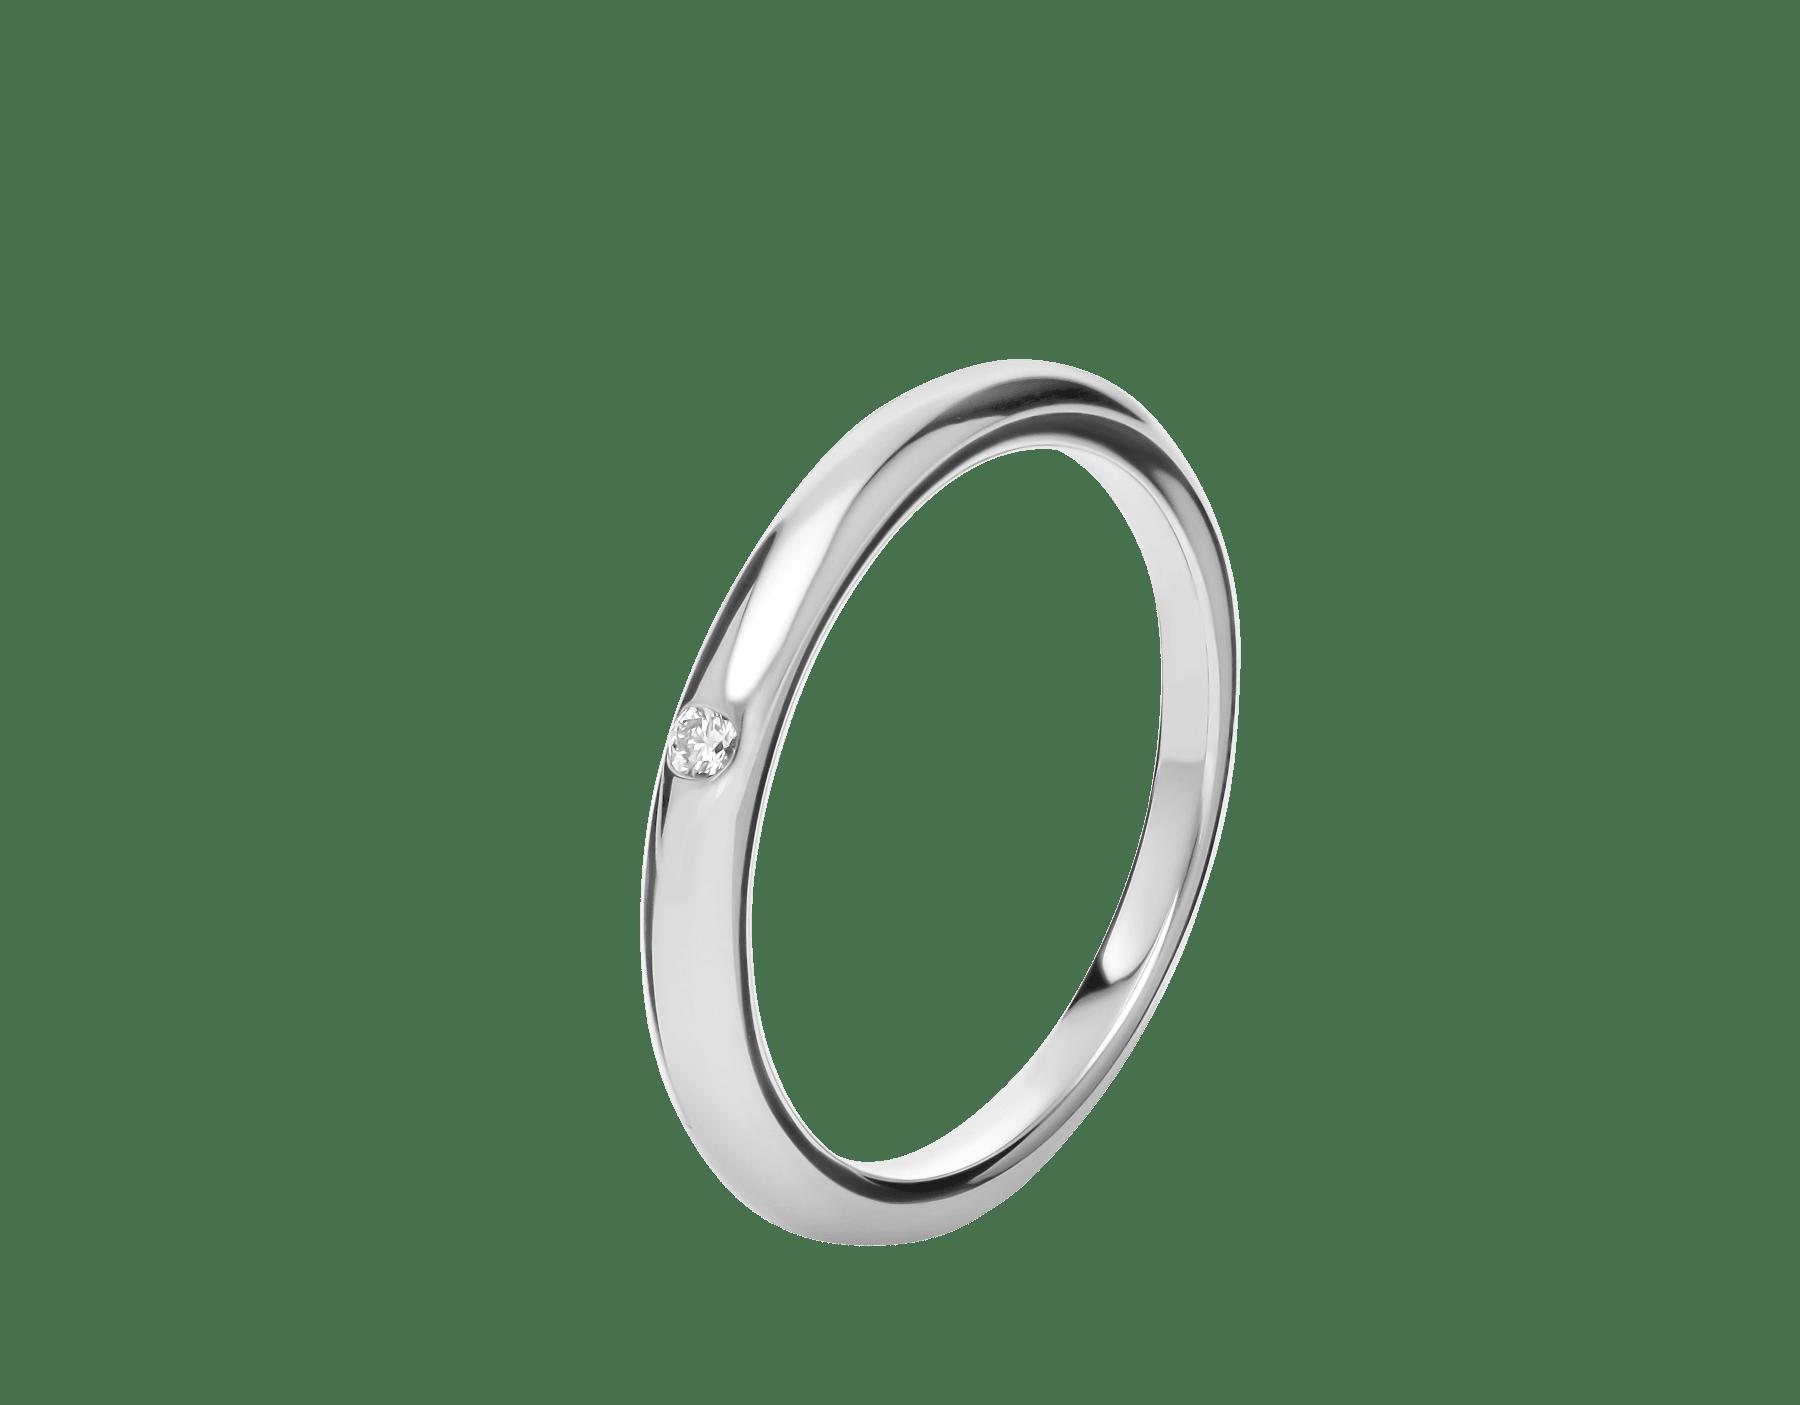 フェディ ウェディング・リング。ダイヤモンドを配したプラチナ製。 Fedi-7 image 1